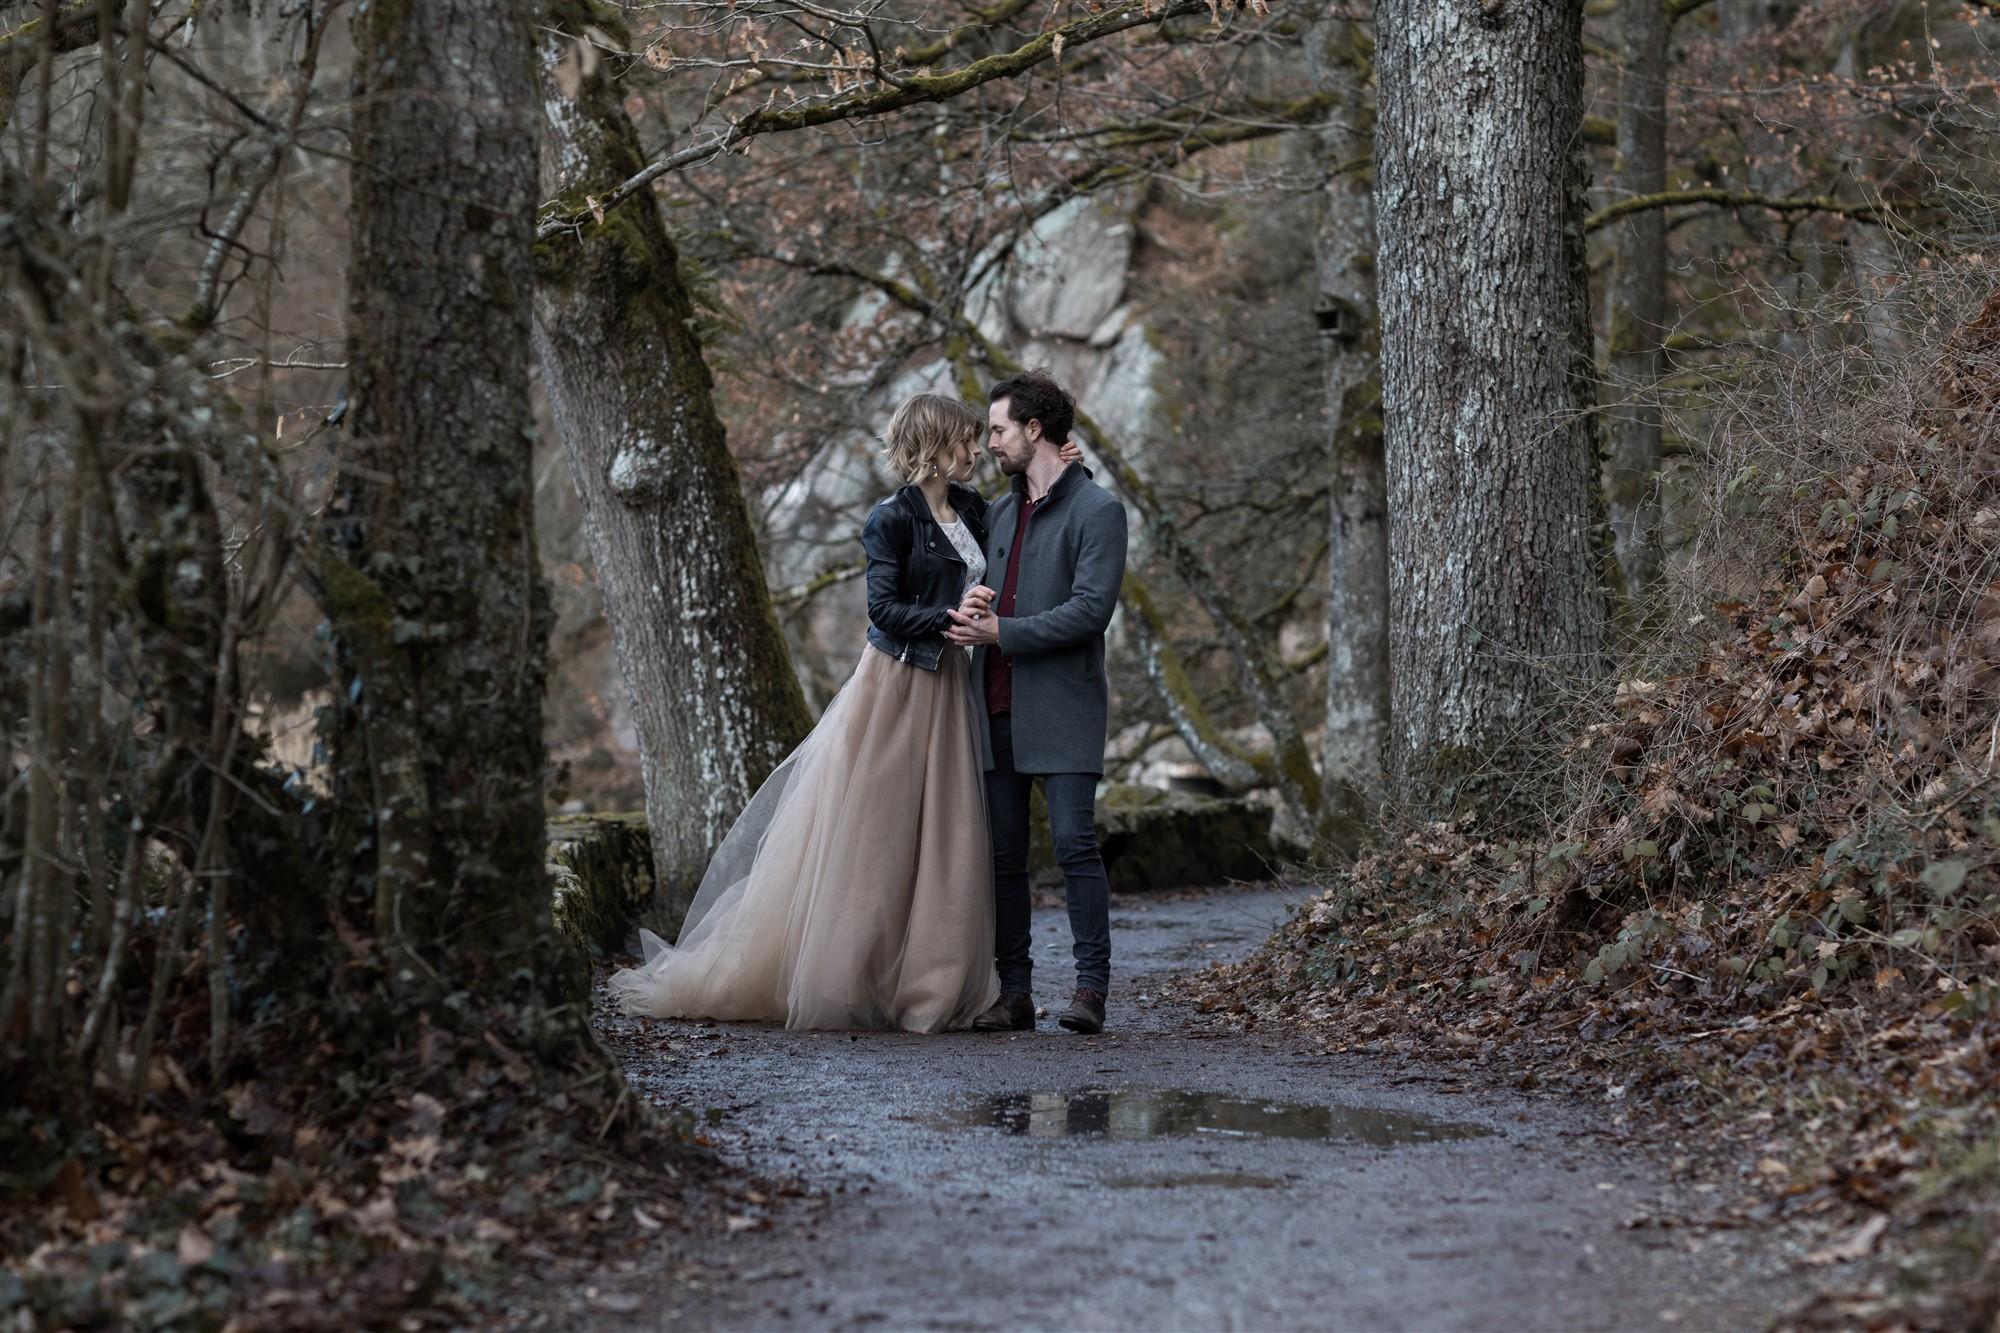 Romantisches Fotoshooting am Bergsee mit dem süssen Paar bei der Hochzeitsfotografin Nicole.Gallery